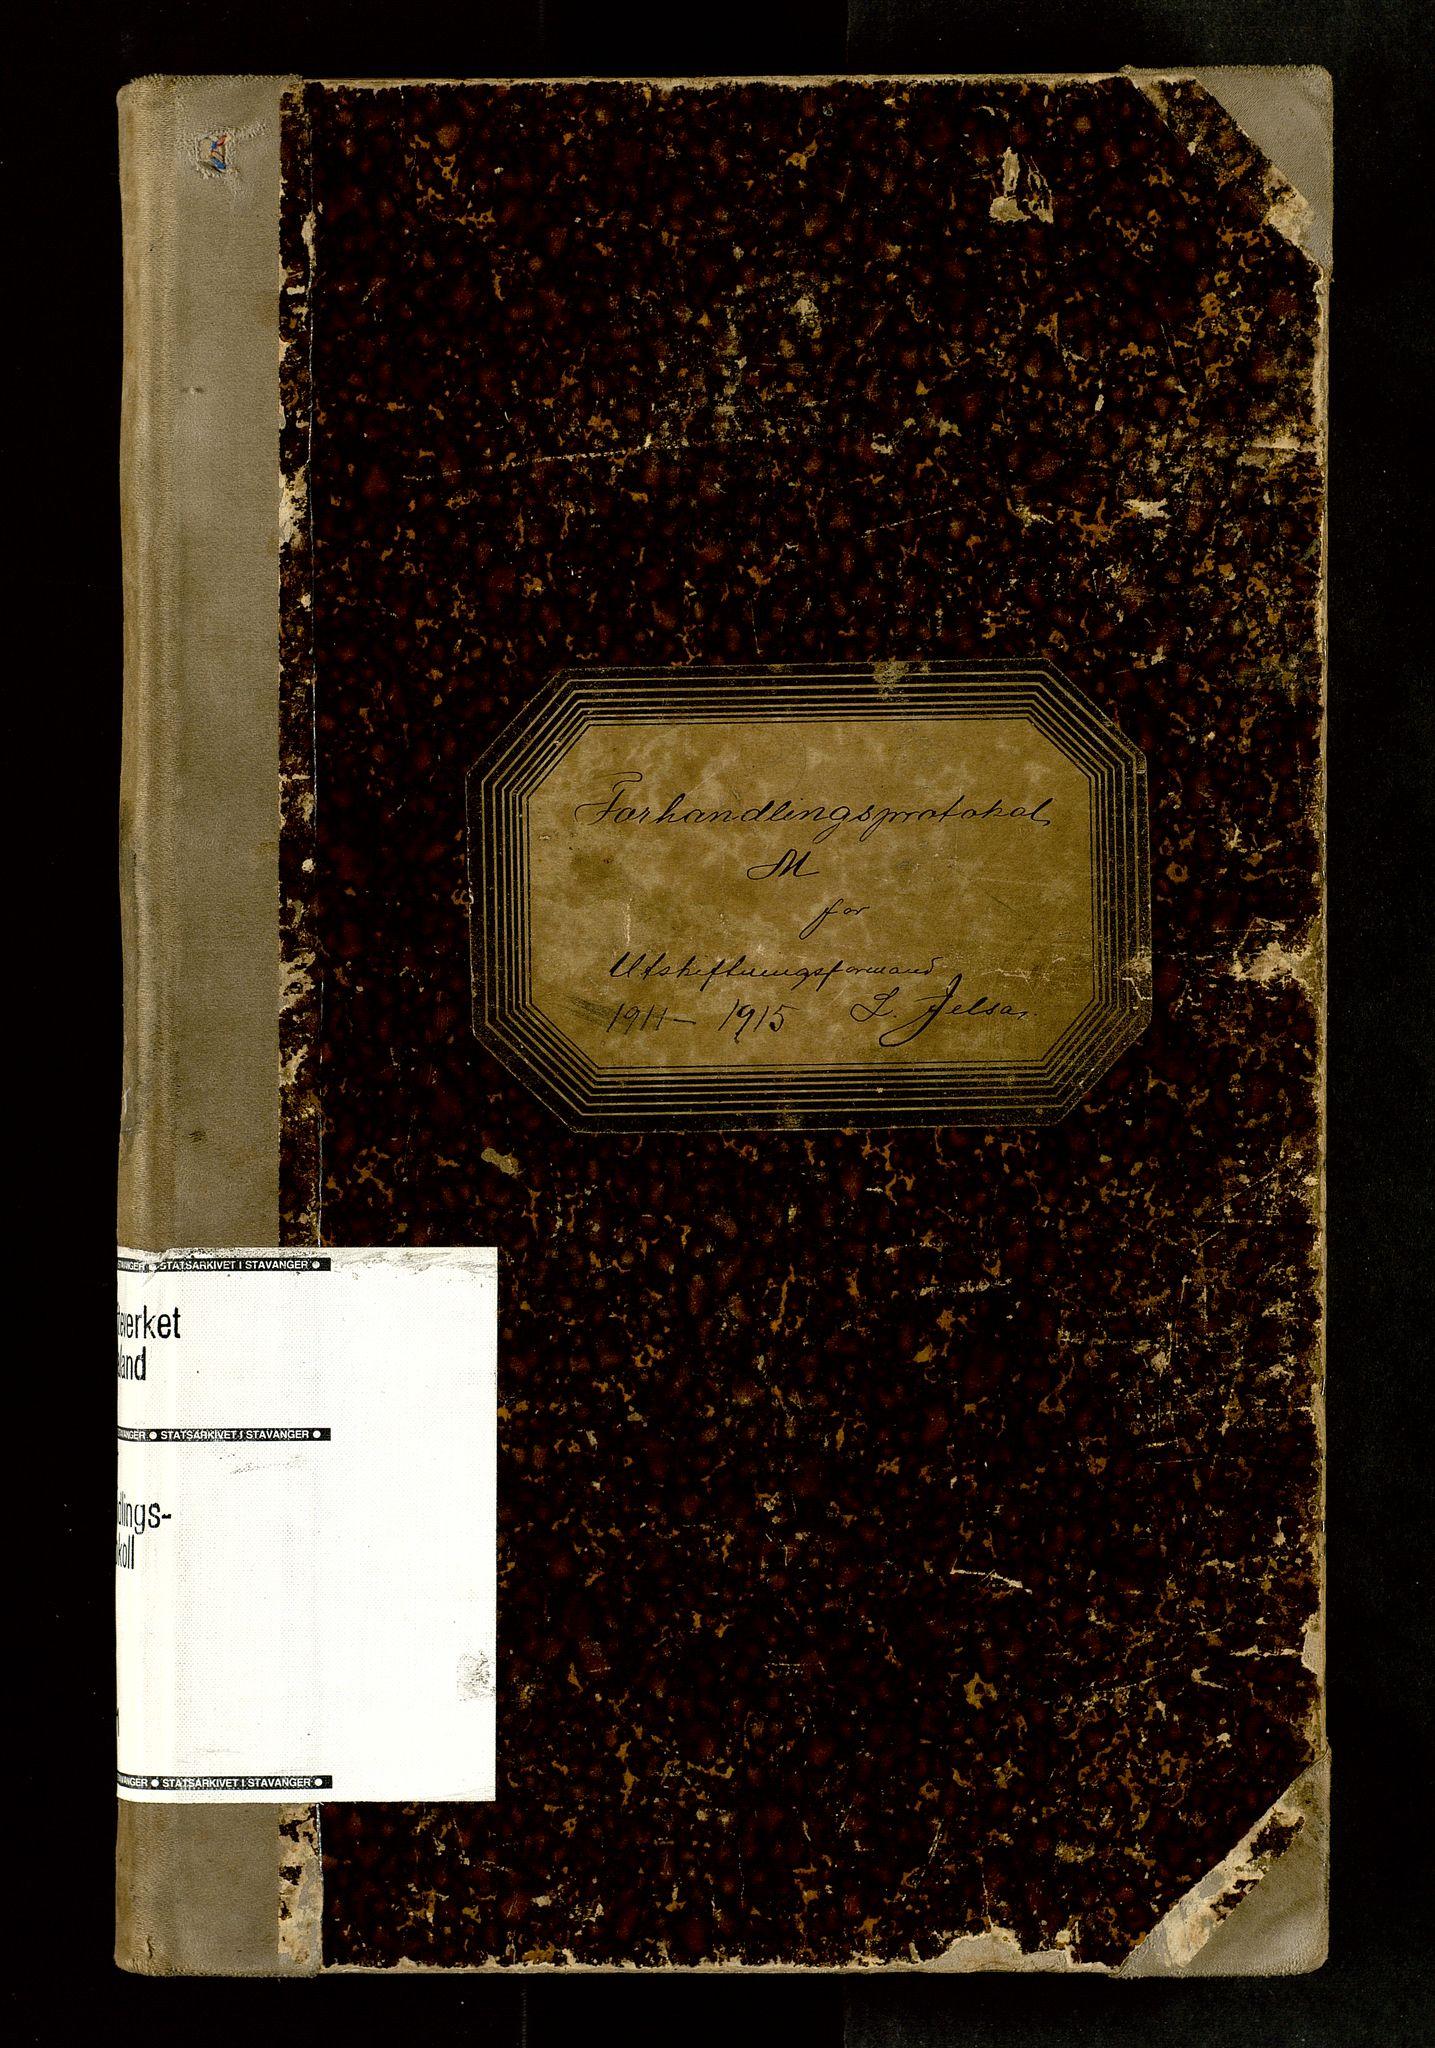 SAST, Rogaland jordskifterett, Oa/L0071: Forhandlingsprotokoll, 1911-1915